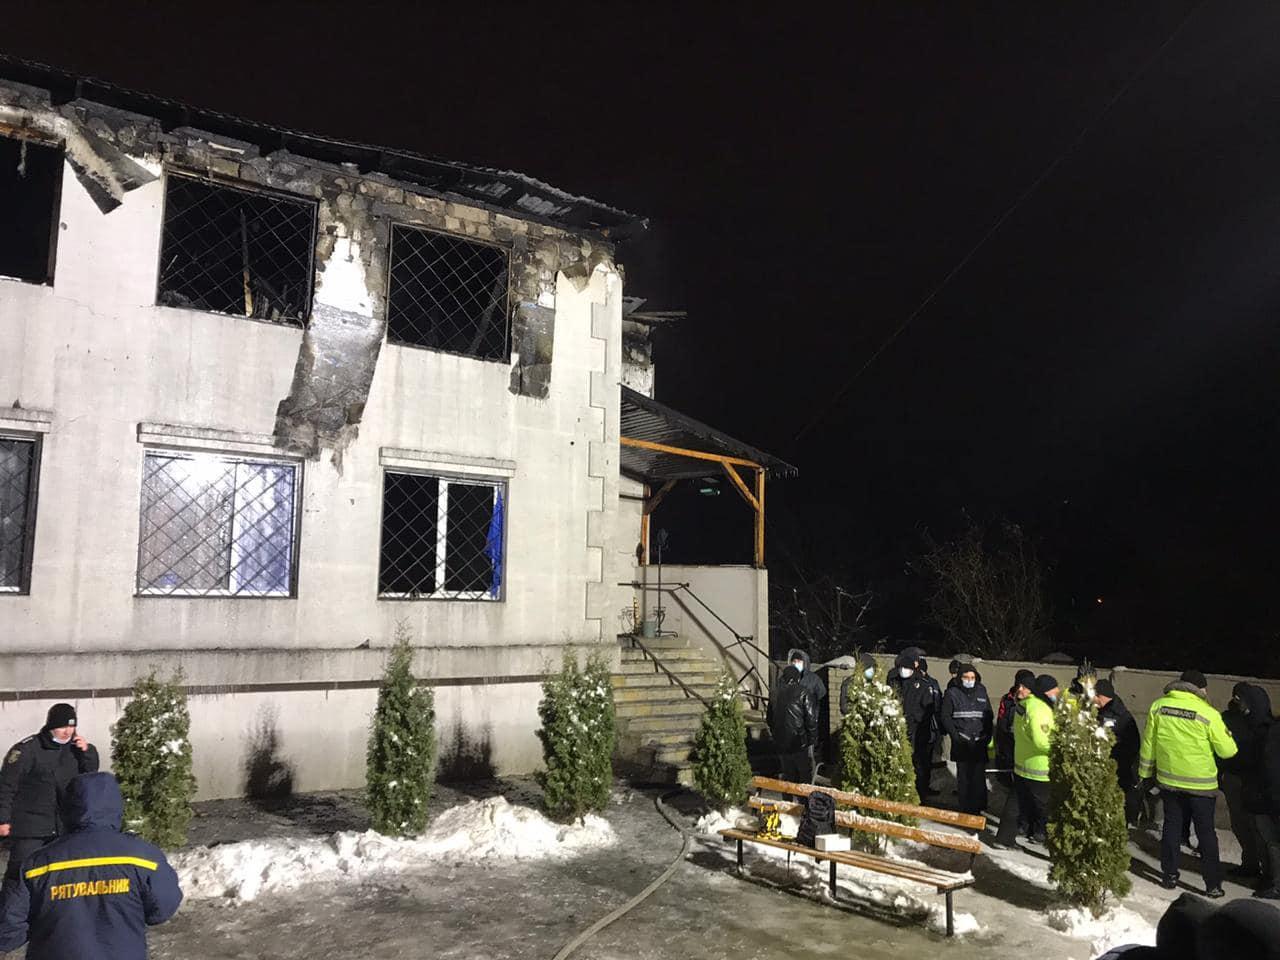 Траур у Харкові: уряд обіцяє допомогти постраждалим - смерть, пожежа, масштабна пожежа, літні люди, загиблі - 141258872 292587002256451 8988094980465304314 o